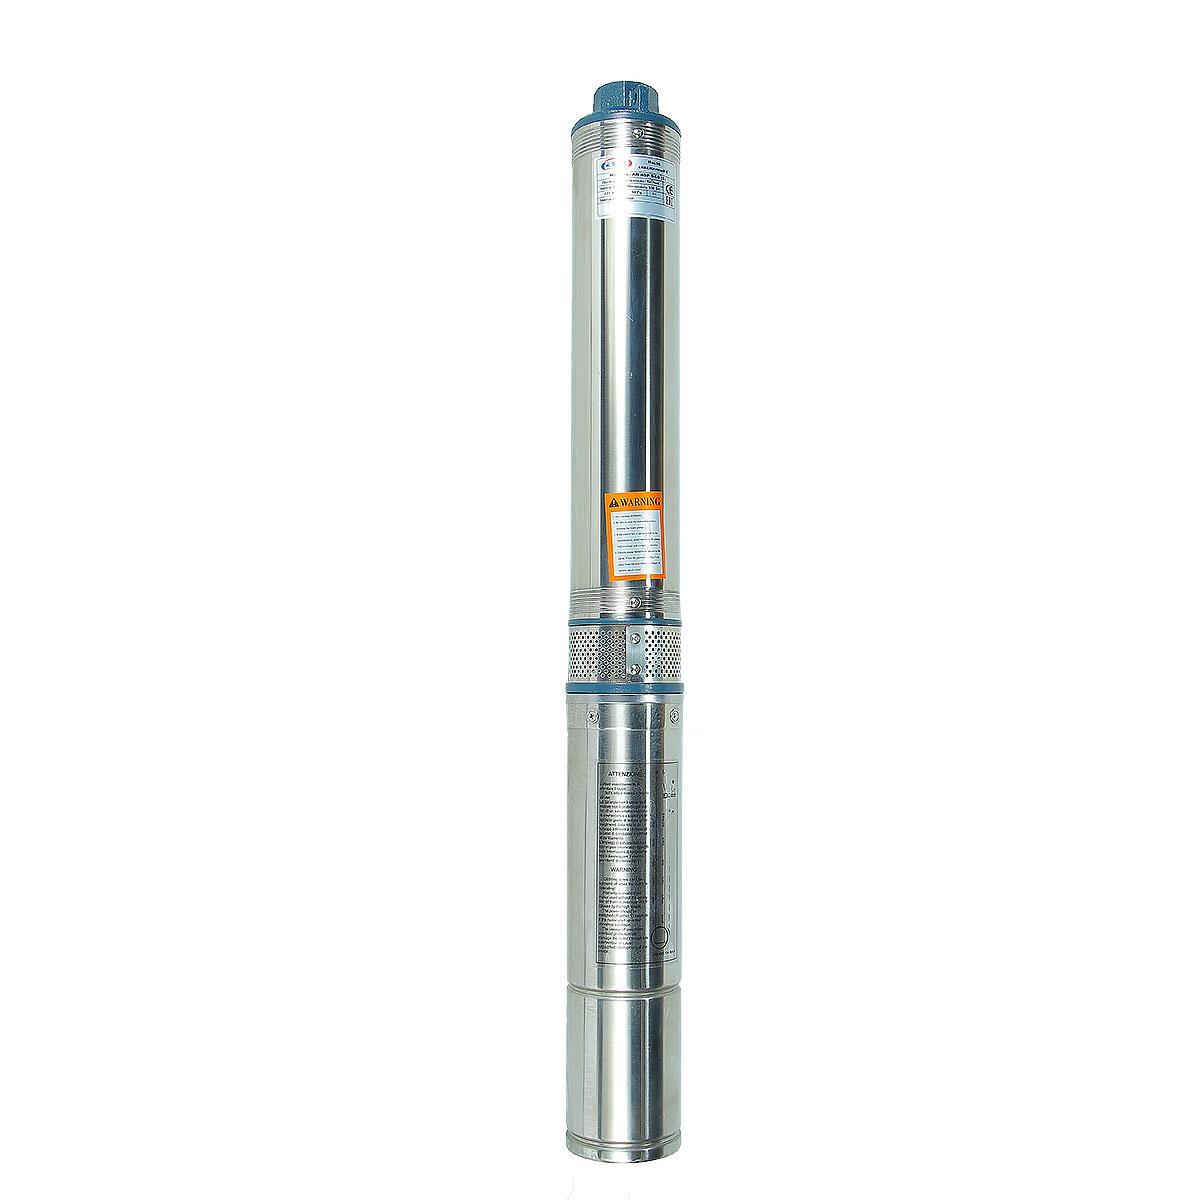 Скважинный насос Aquamotor Ar 4sp 5-69 (c) ar151016